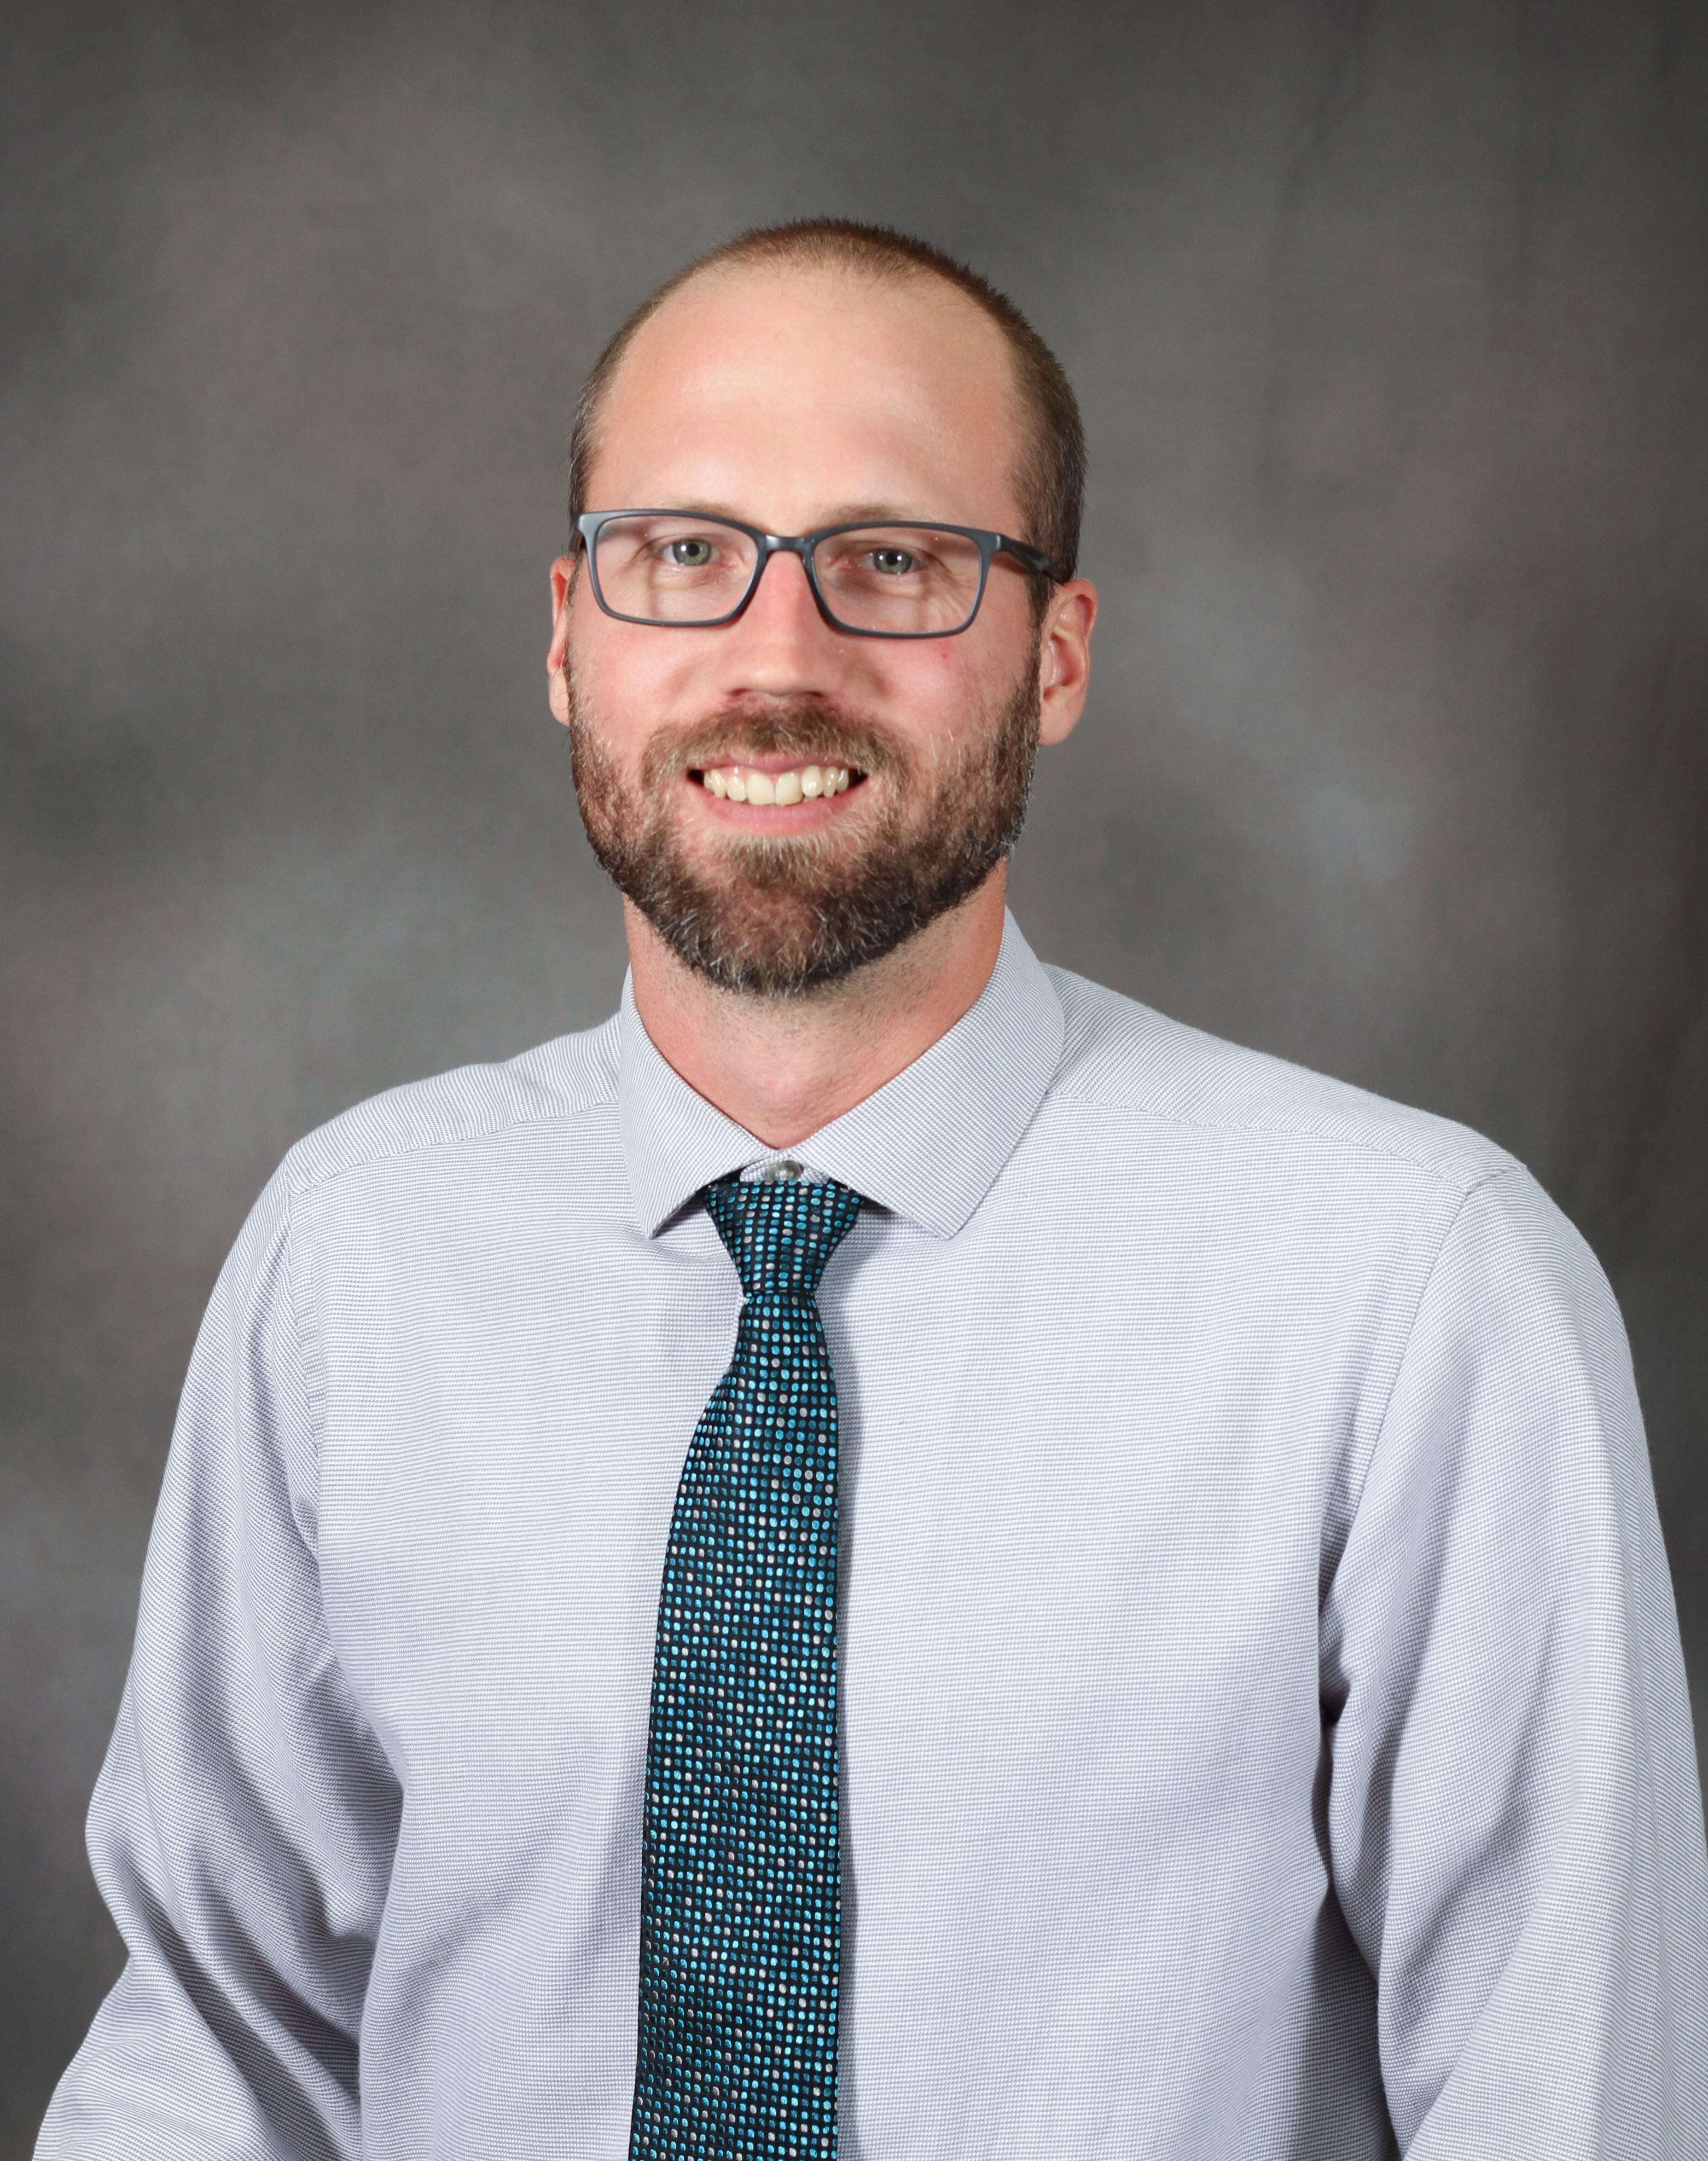 Ryan Kregel